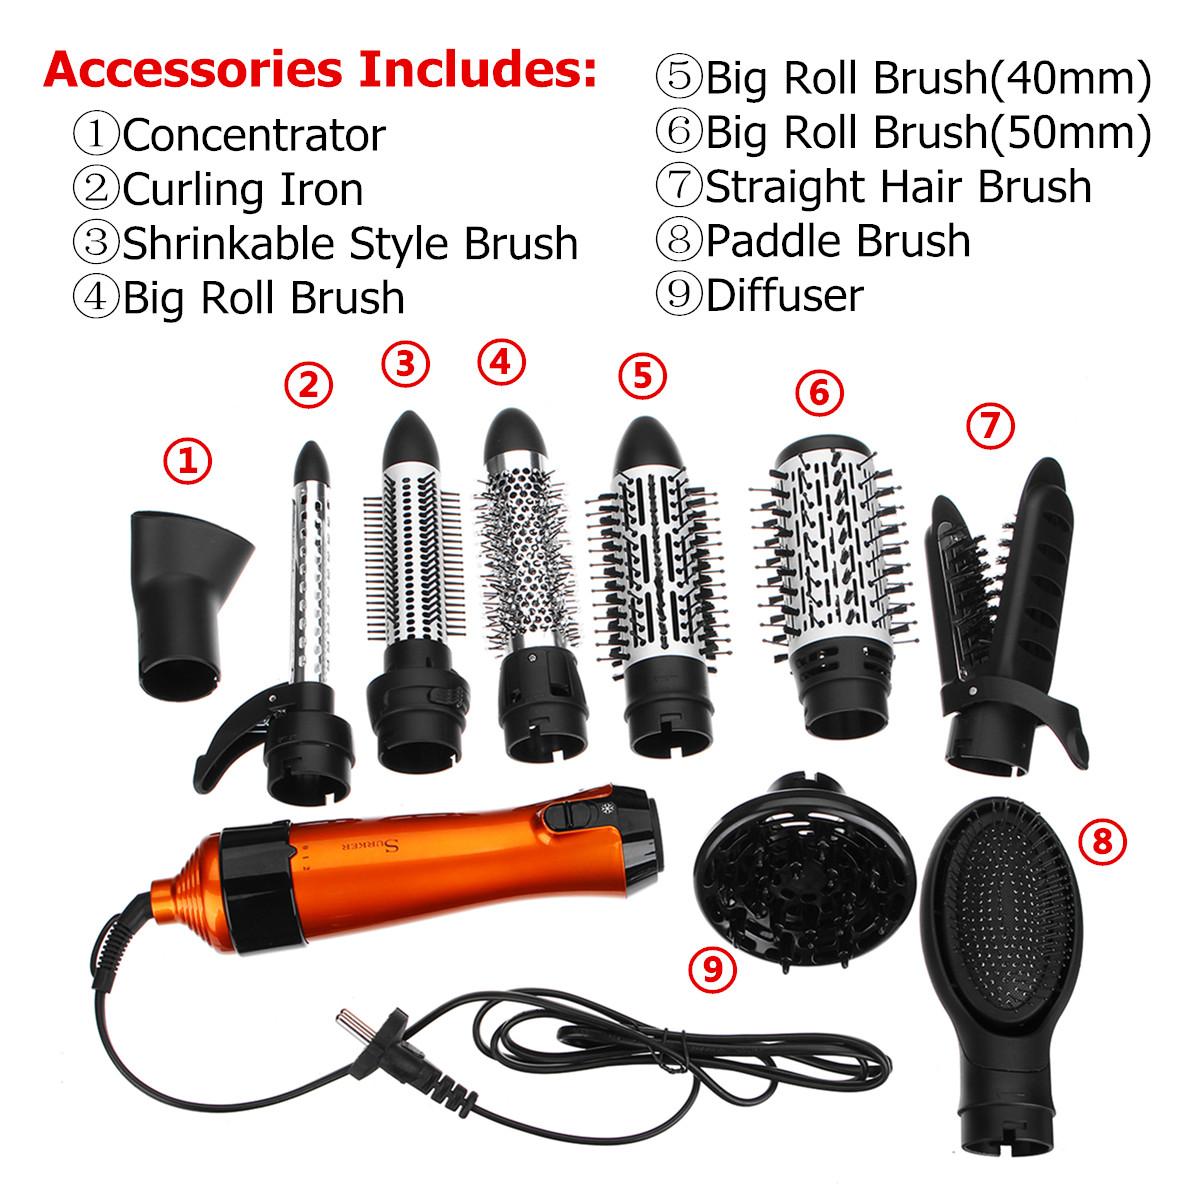 SURKER 1000W 220V-240V 10 in 1 Hair Curler Straightener